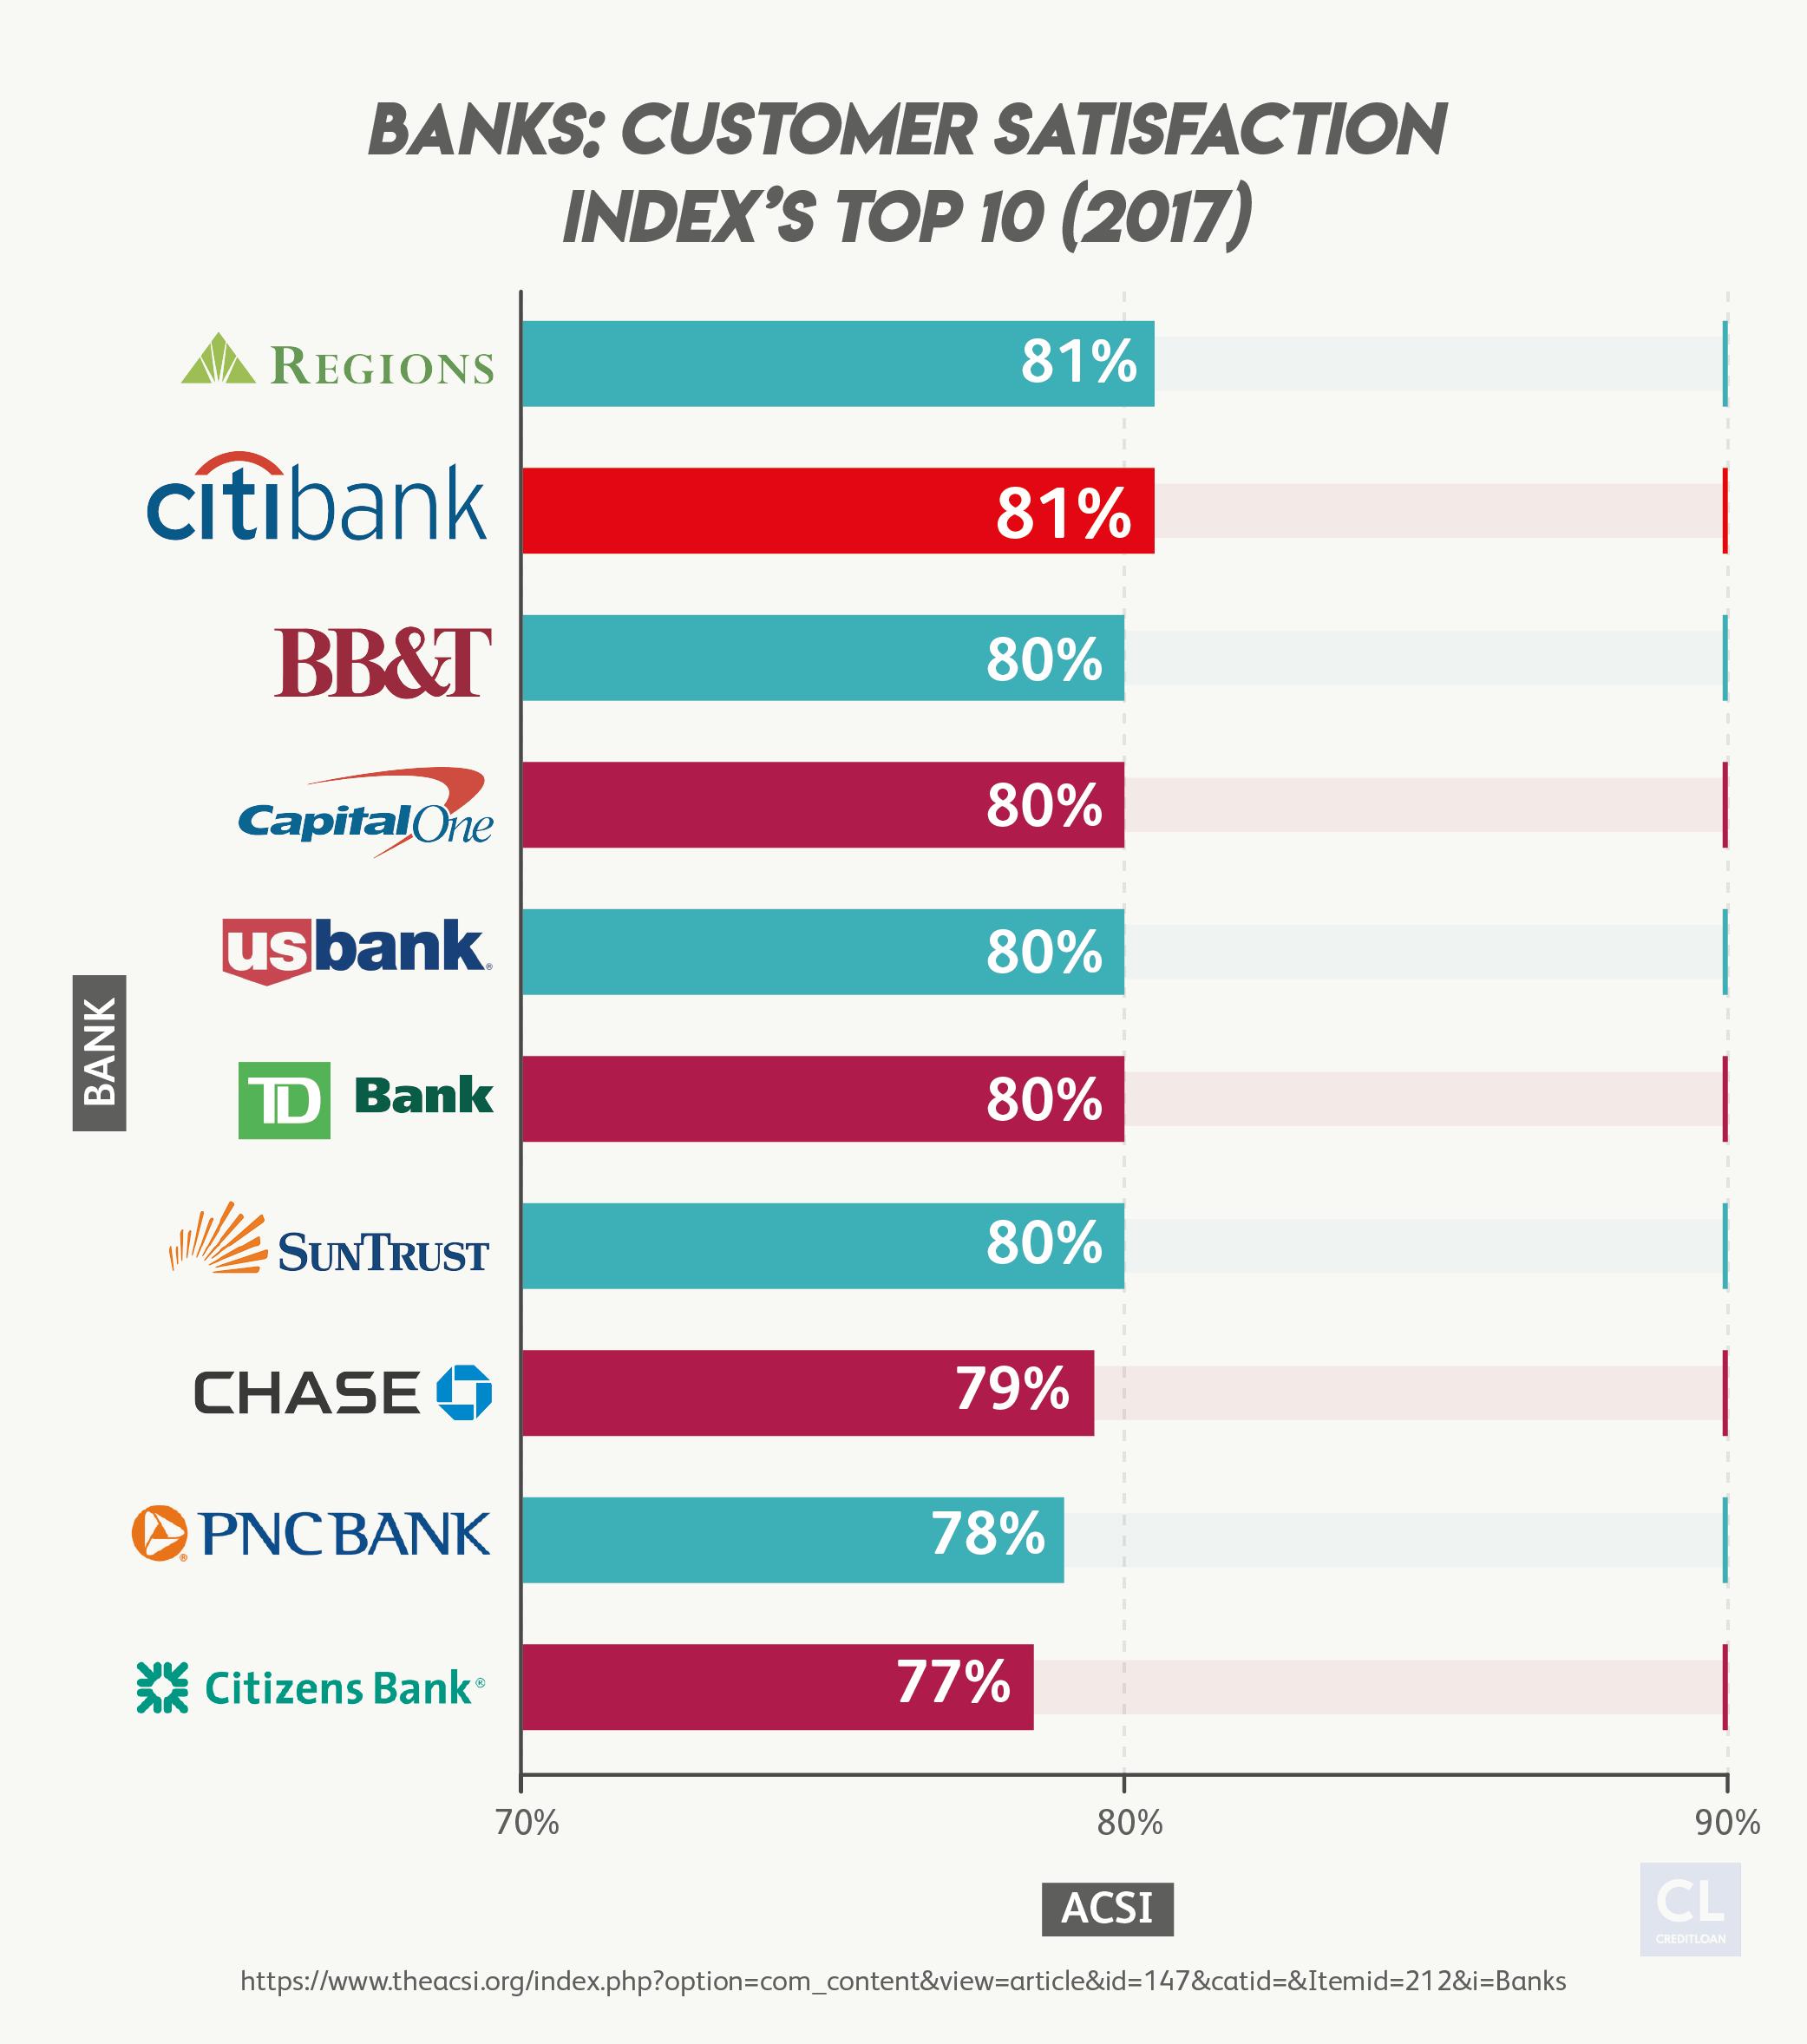 2017 American Customer Satisfaction Index's Top 10